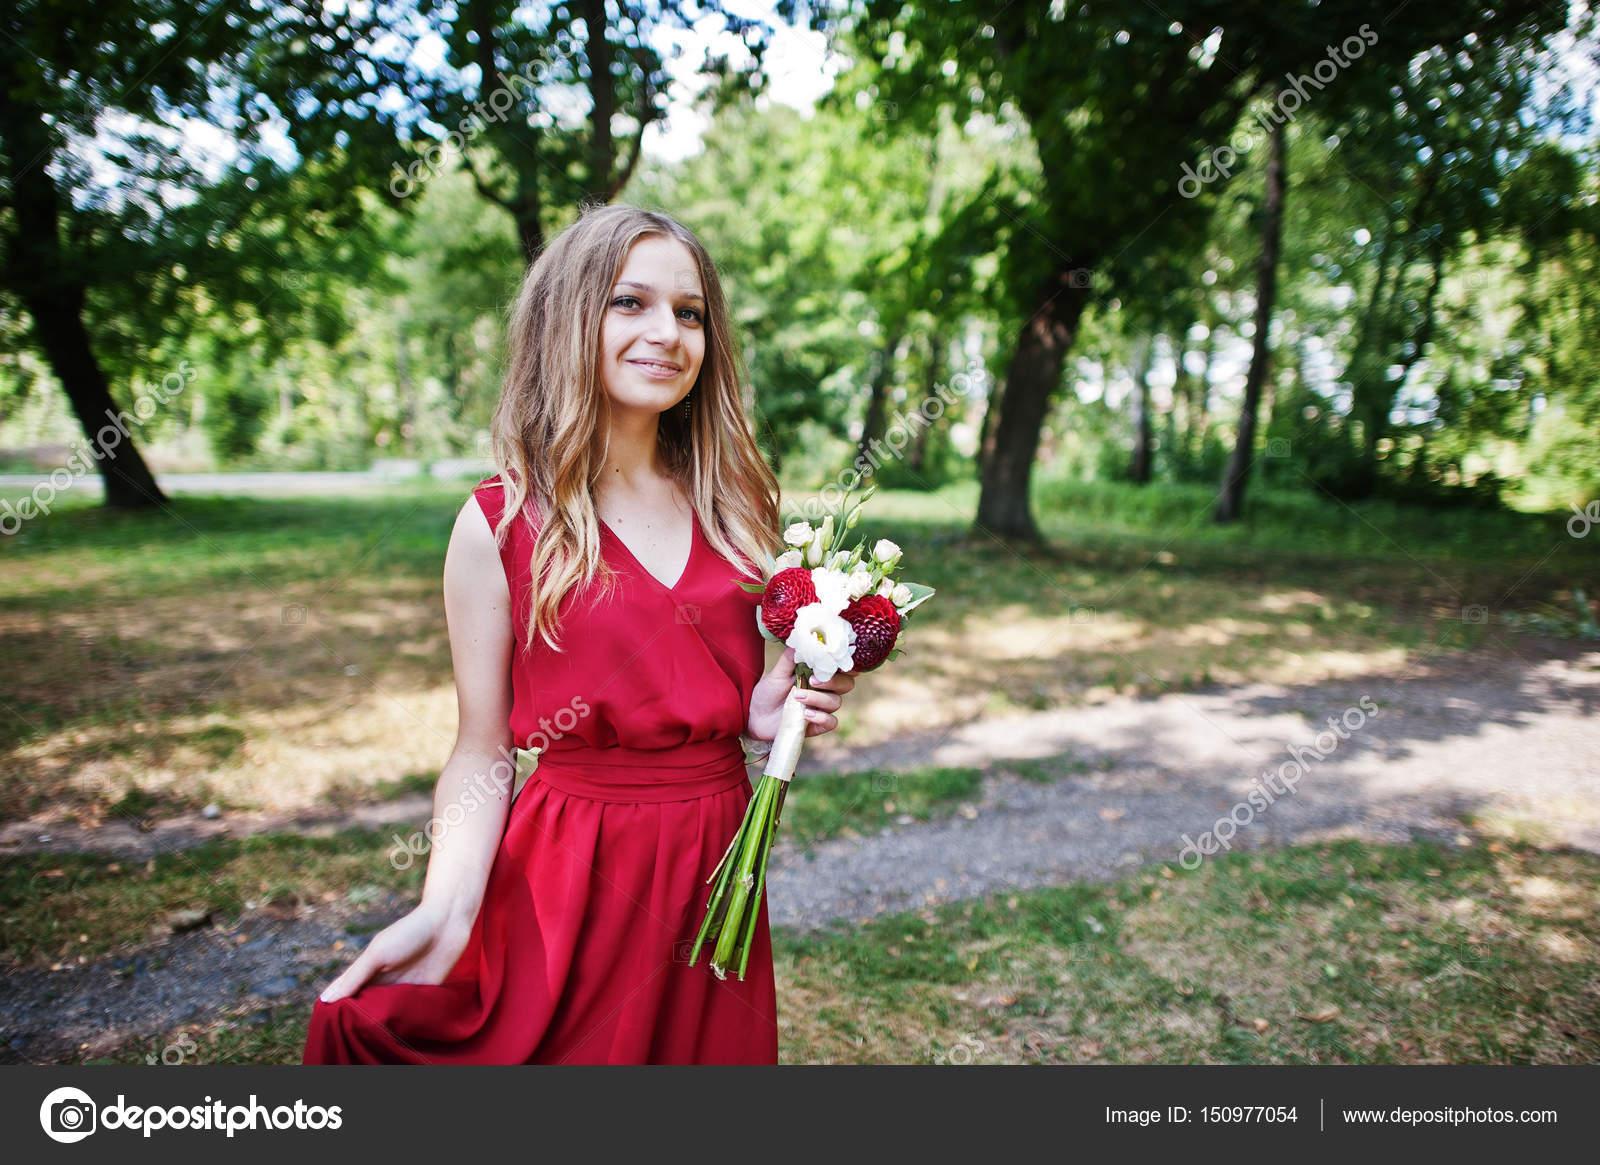 ffc8c5e7468b Damigella d onore ragazza carina al vestito rosso con bouquet da sposa a  portata di mano– immagine stock